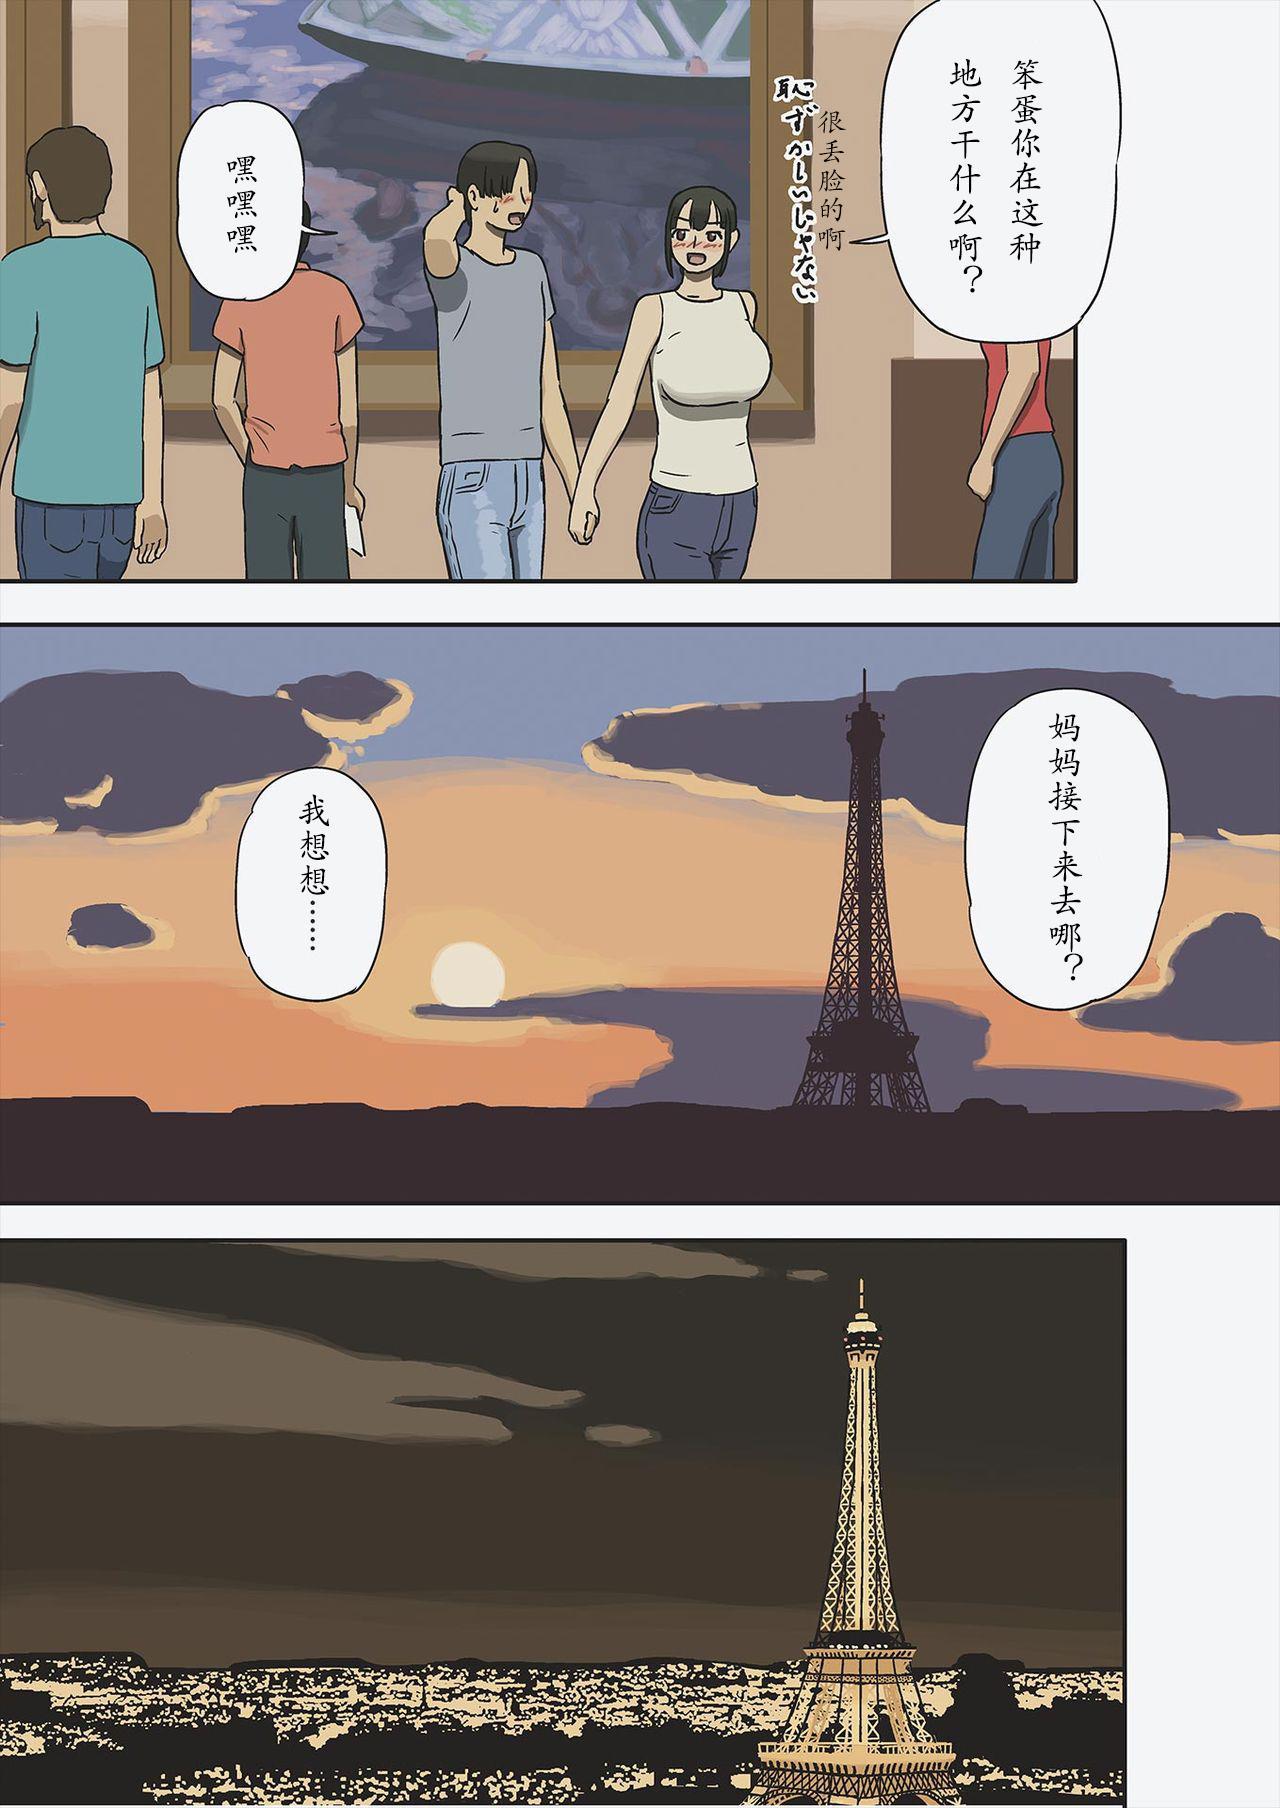 Share 2 Kaa-san tte Muriyari Saretari Suru no Suki na no 6